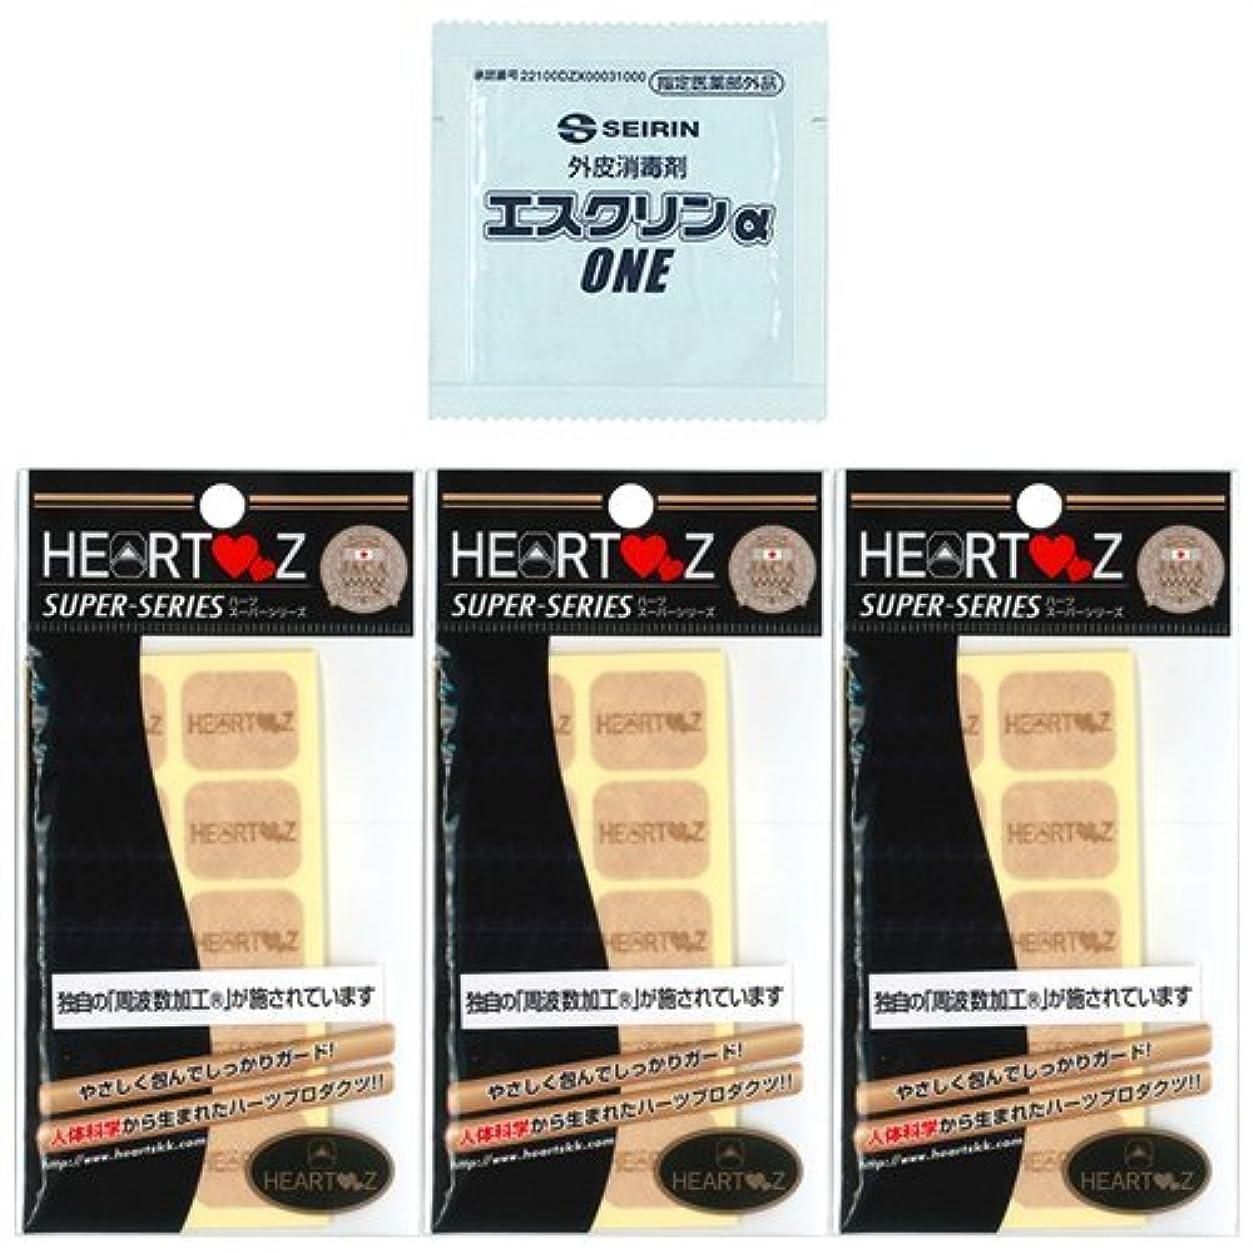 組み合わせる外交別れる【HEARTZ(ハーツ)】ハーツスーパーシール レギュラータイプ 80枚入×3個セット (計240枚) + エスクリンαONEx1個 セット